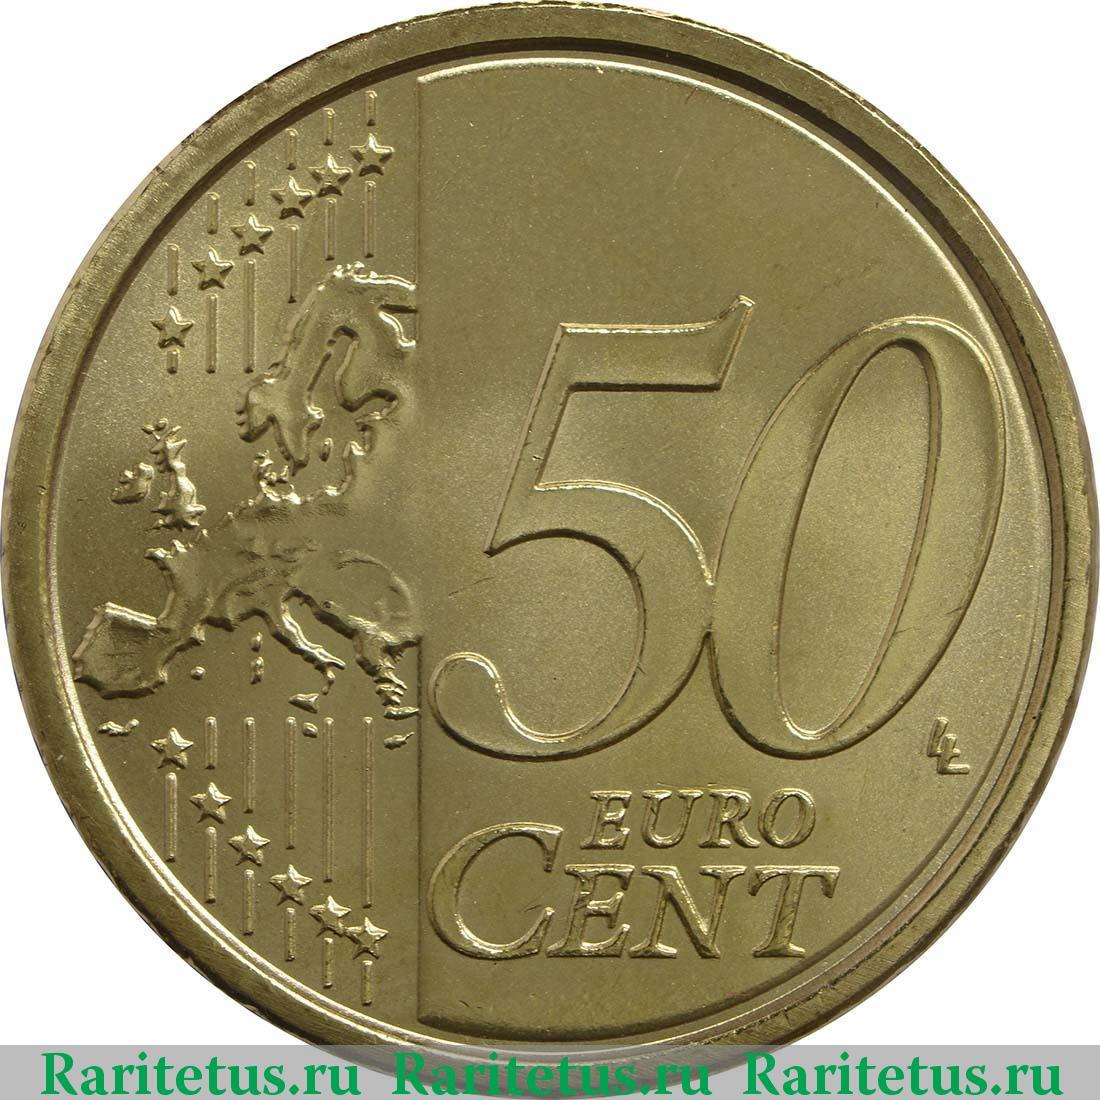 50 центов сколько в рублях бумажные деньги 1991 года стоимость